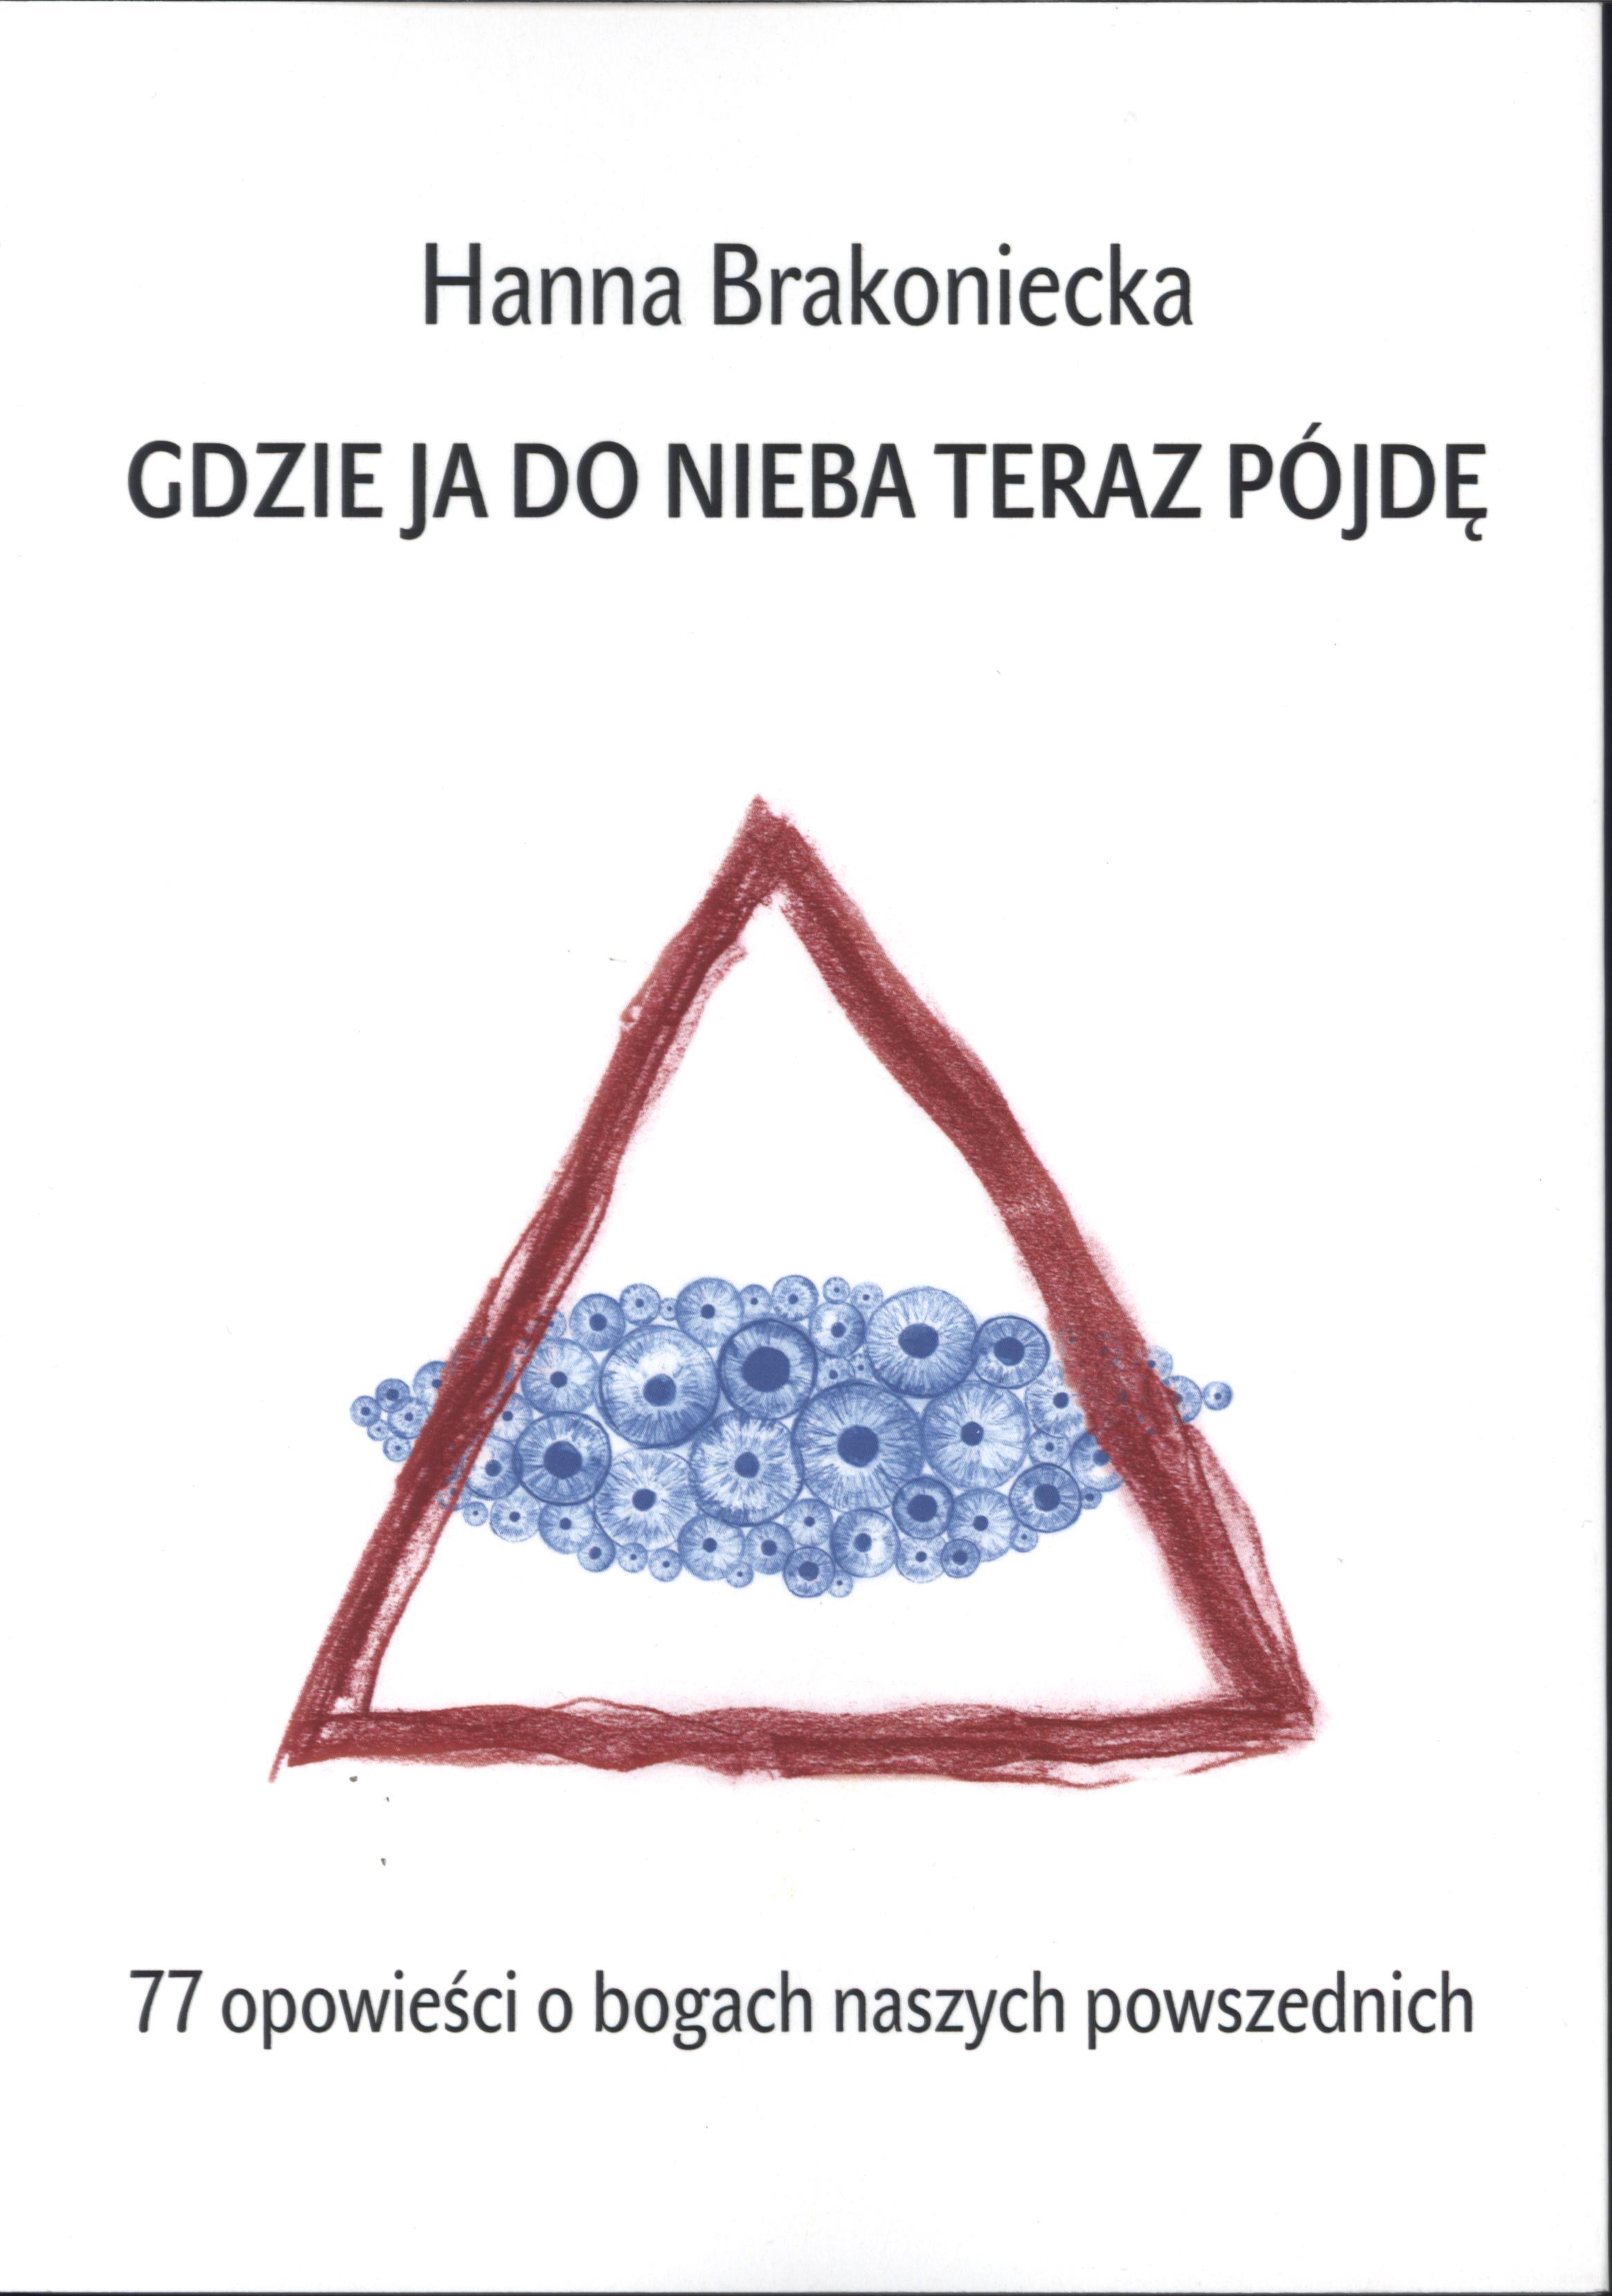 """Spotkanie z Hanną Brakoniecką i promocja nowej książki """"Gdzie ja do nieba teraz pójdę"""""""